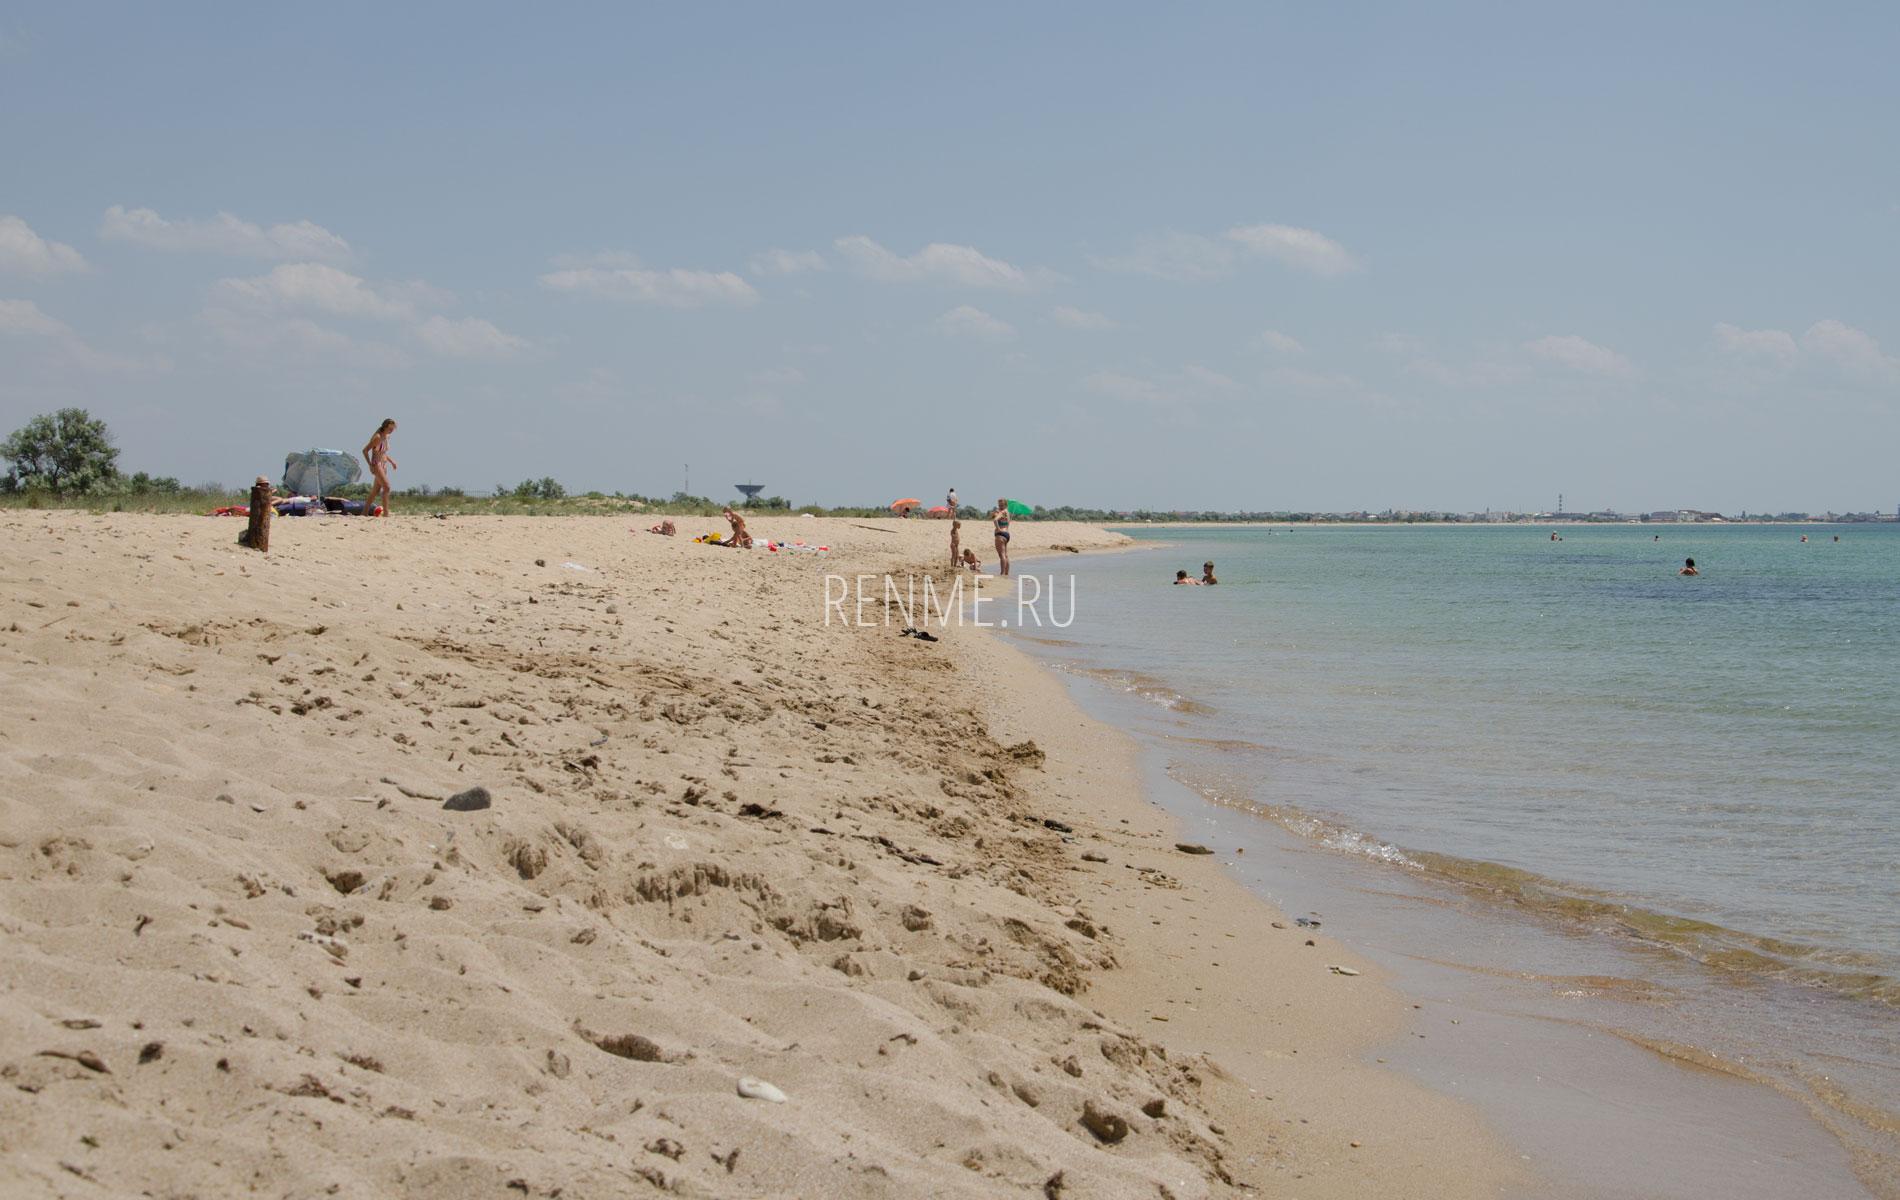 Прекрасный дикий песчаный пляж в Крыму. Фото Молочного